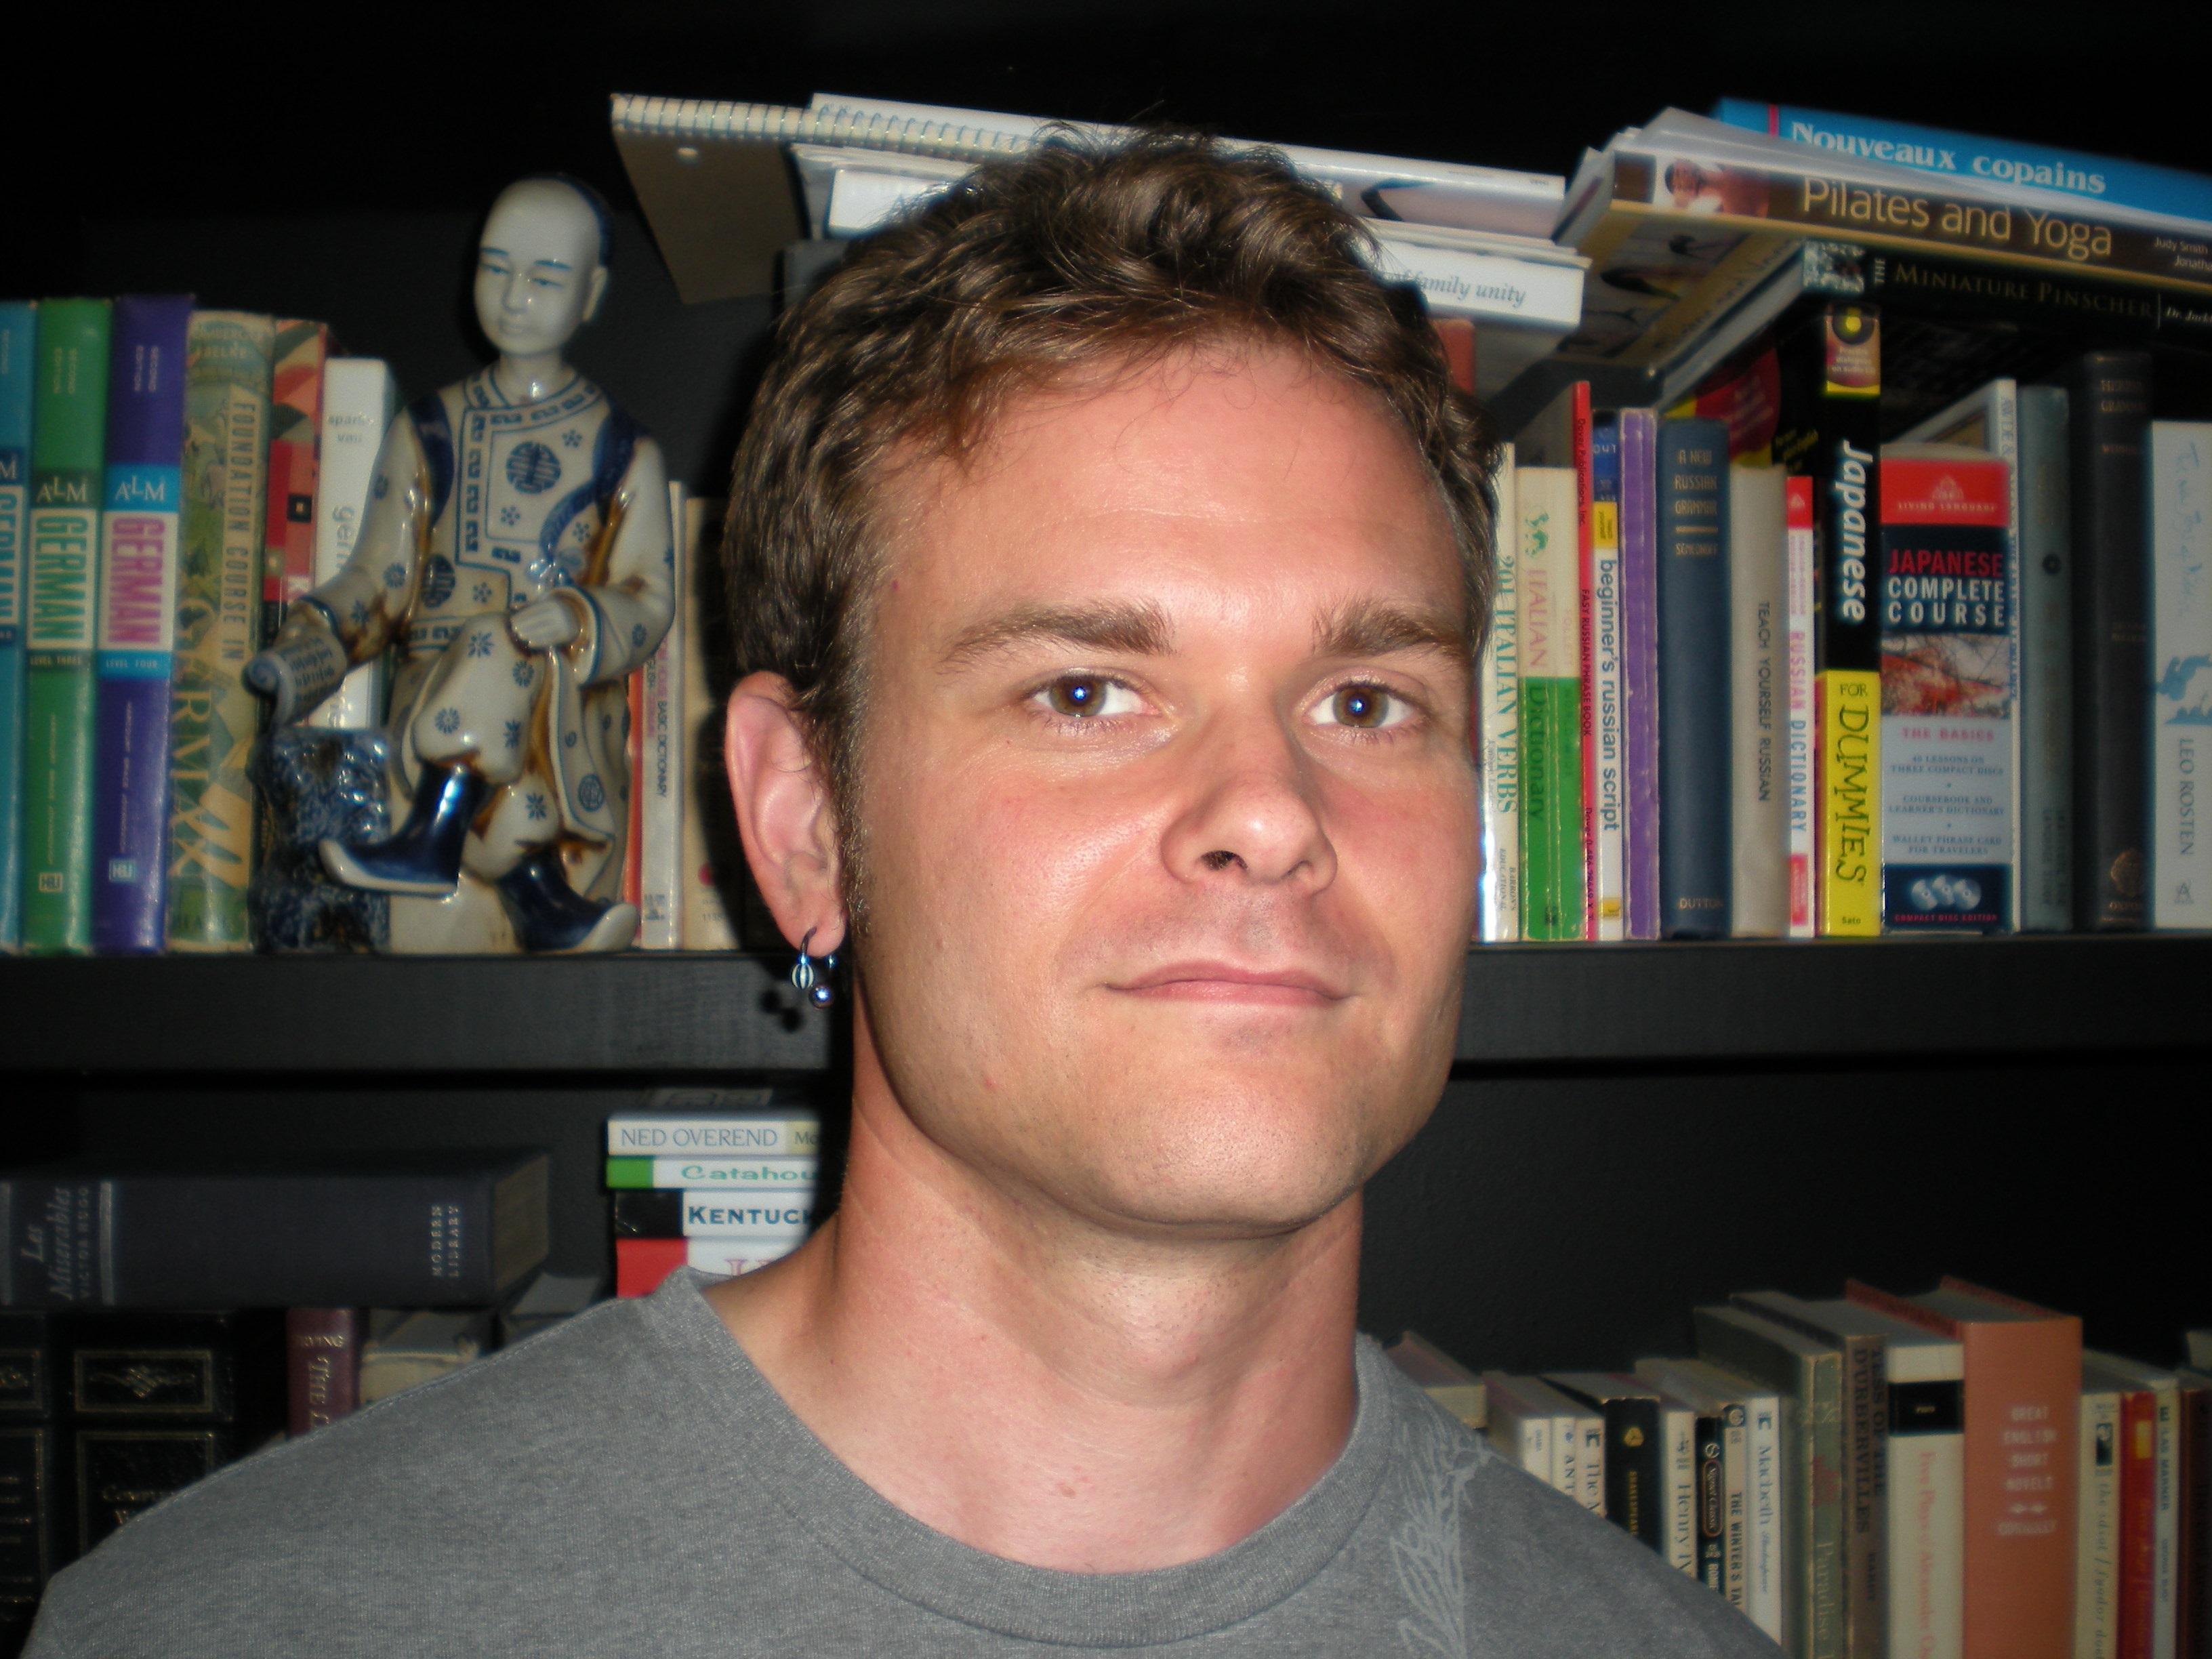 Wes McCloud